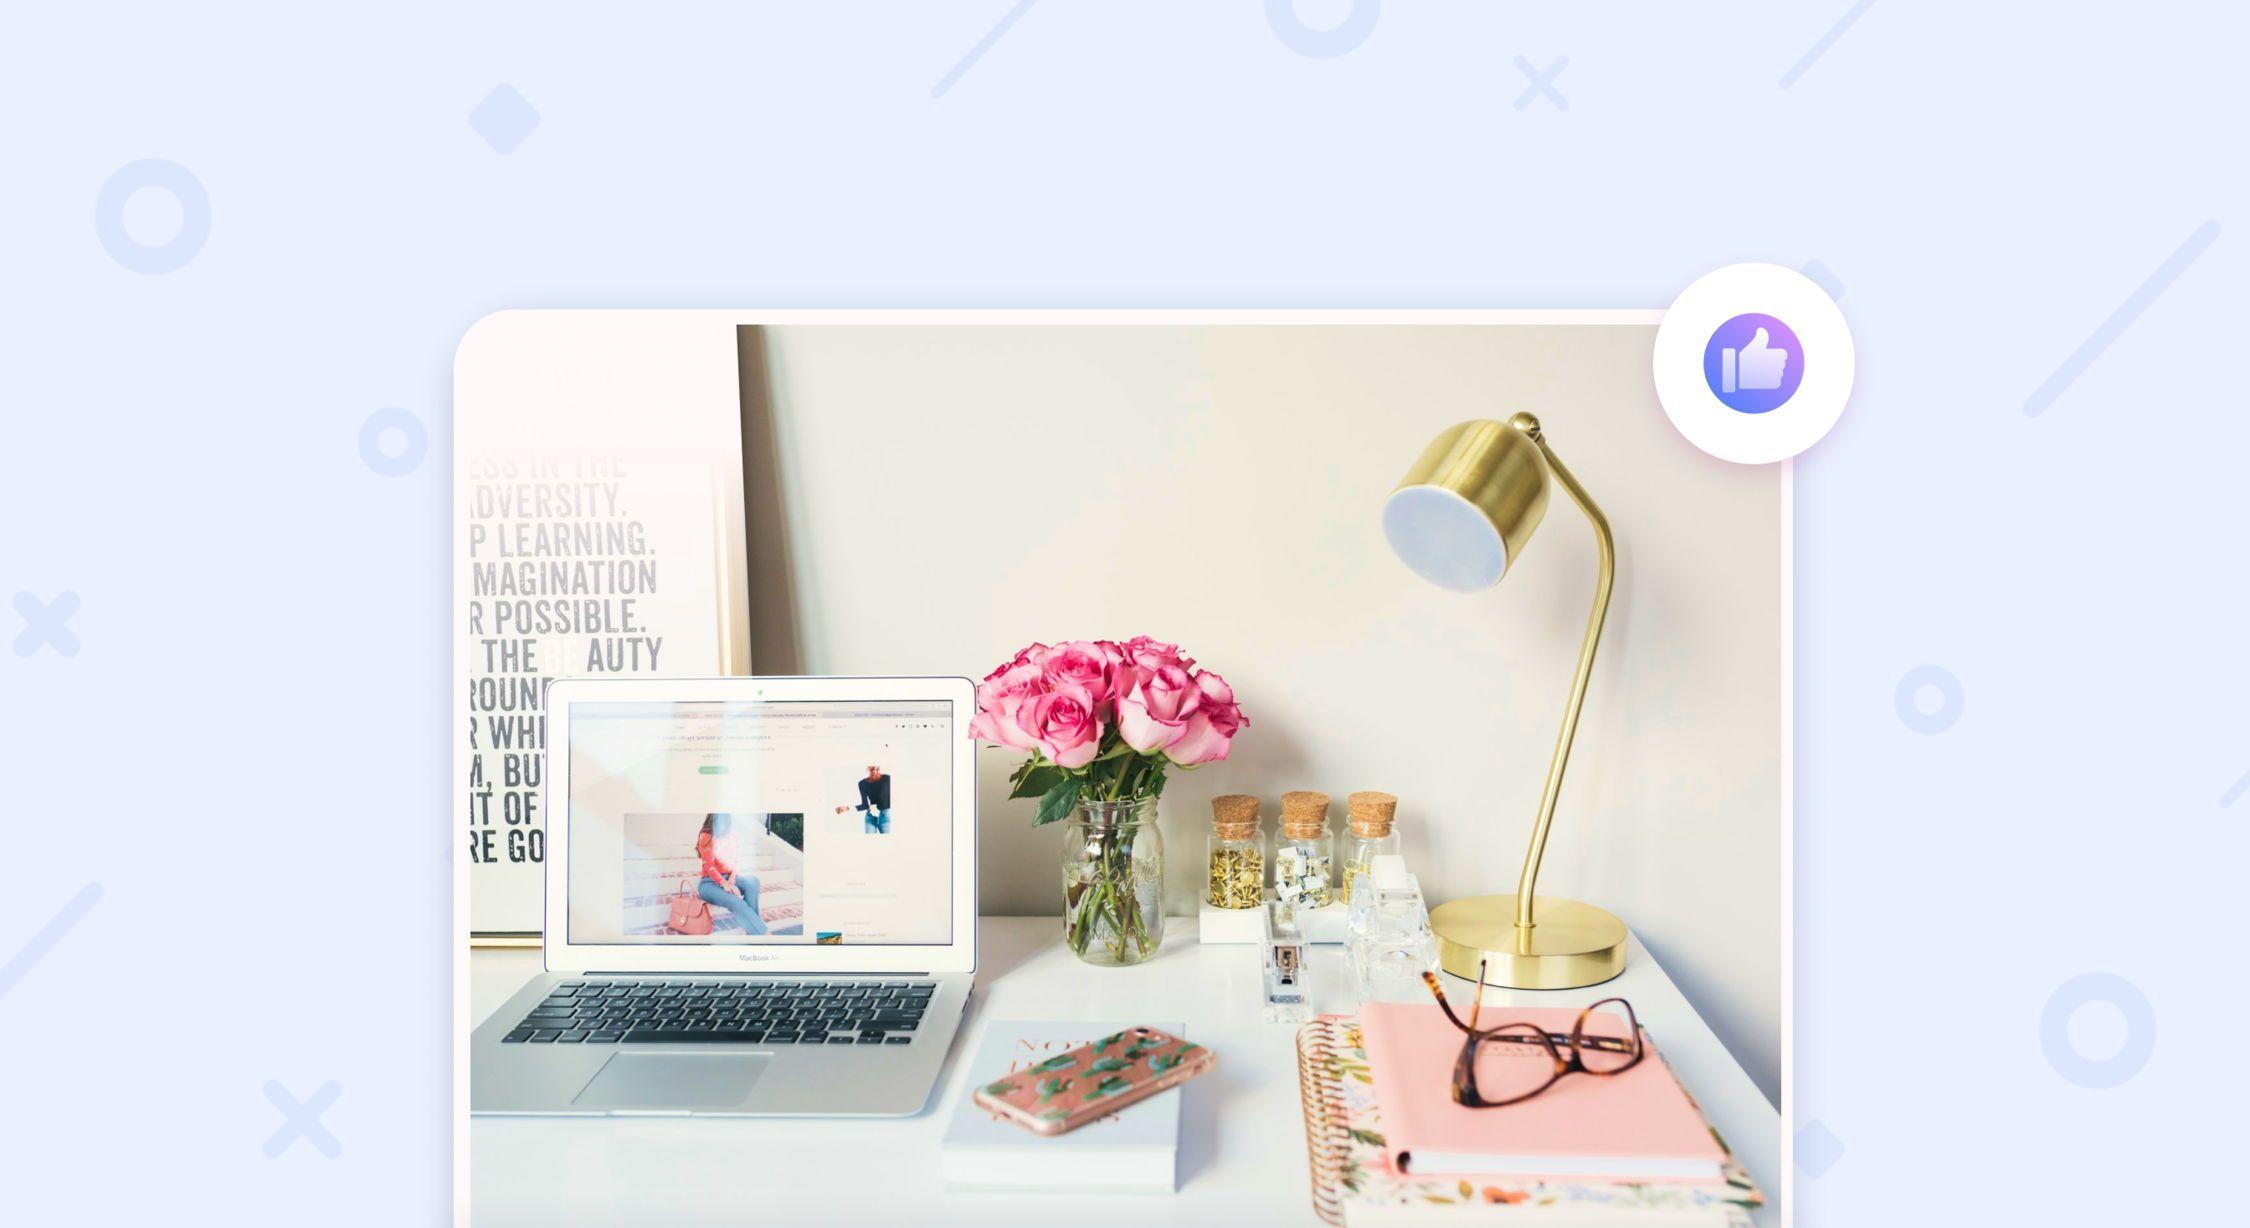 Как создать сайт самостоятельно: 10 эффективных шагов, инструкция для начинающих